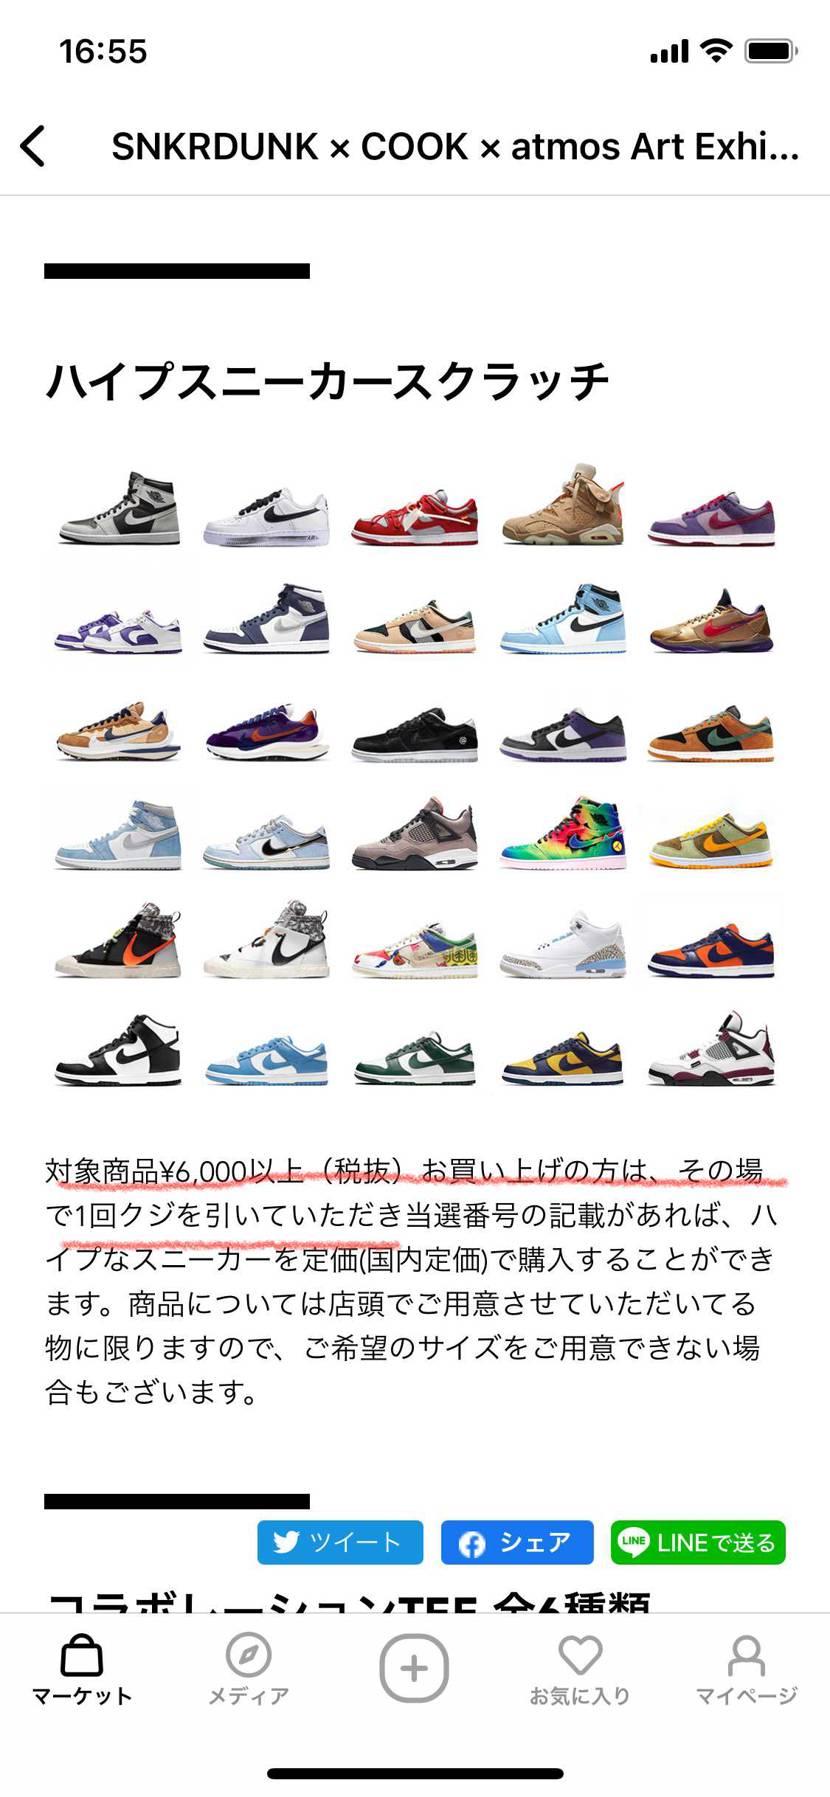 大阪のイベント行った方に聞きたいんですけど今回のスクラッチは1人1回までですか?